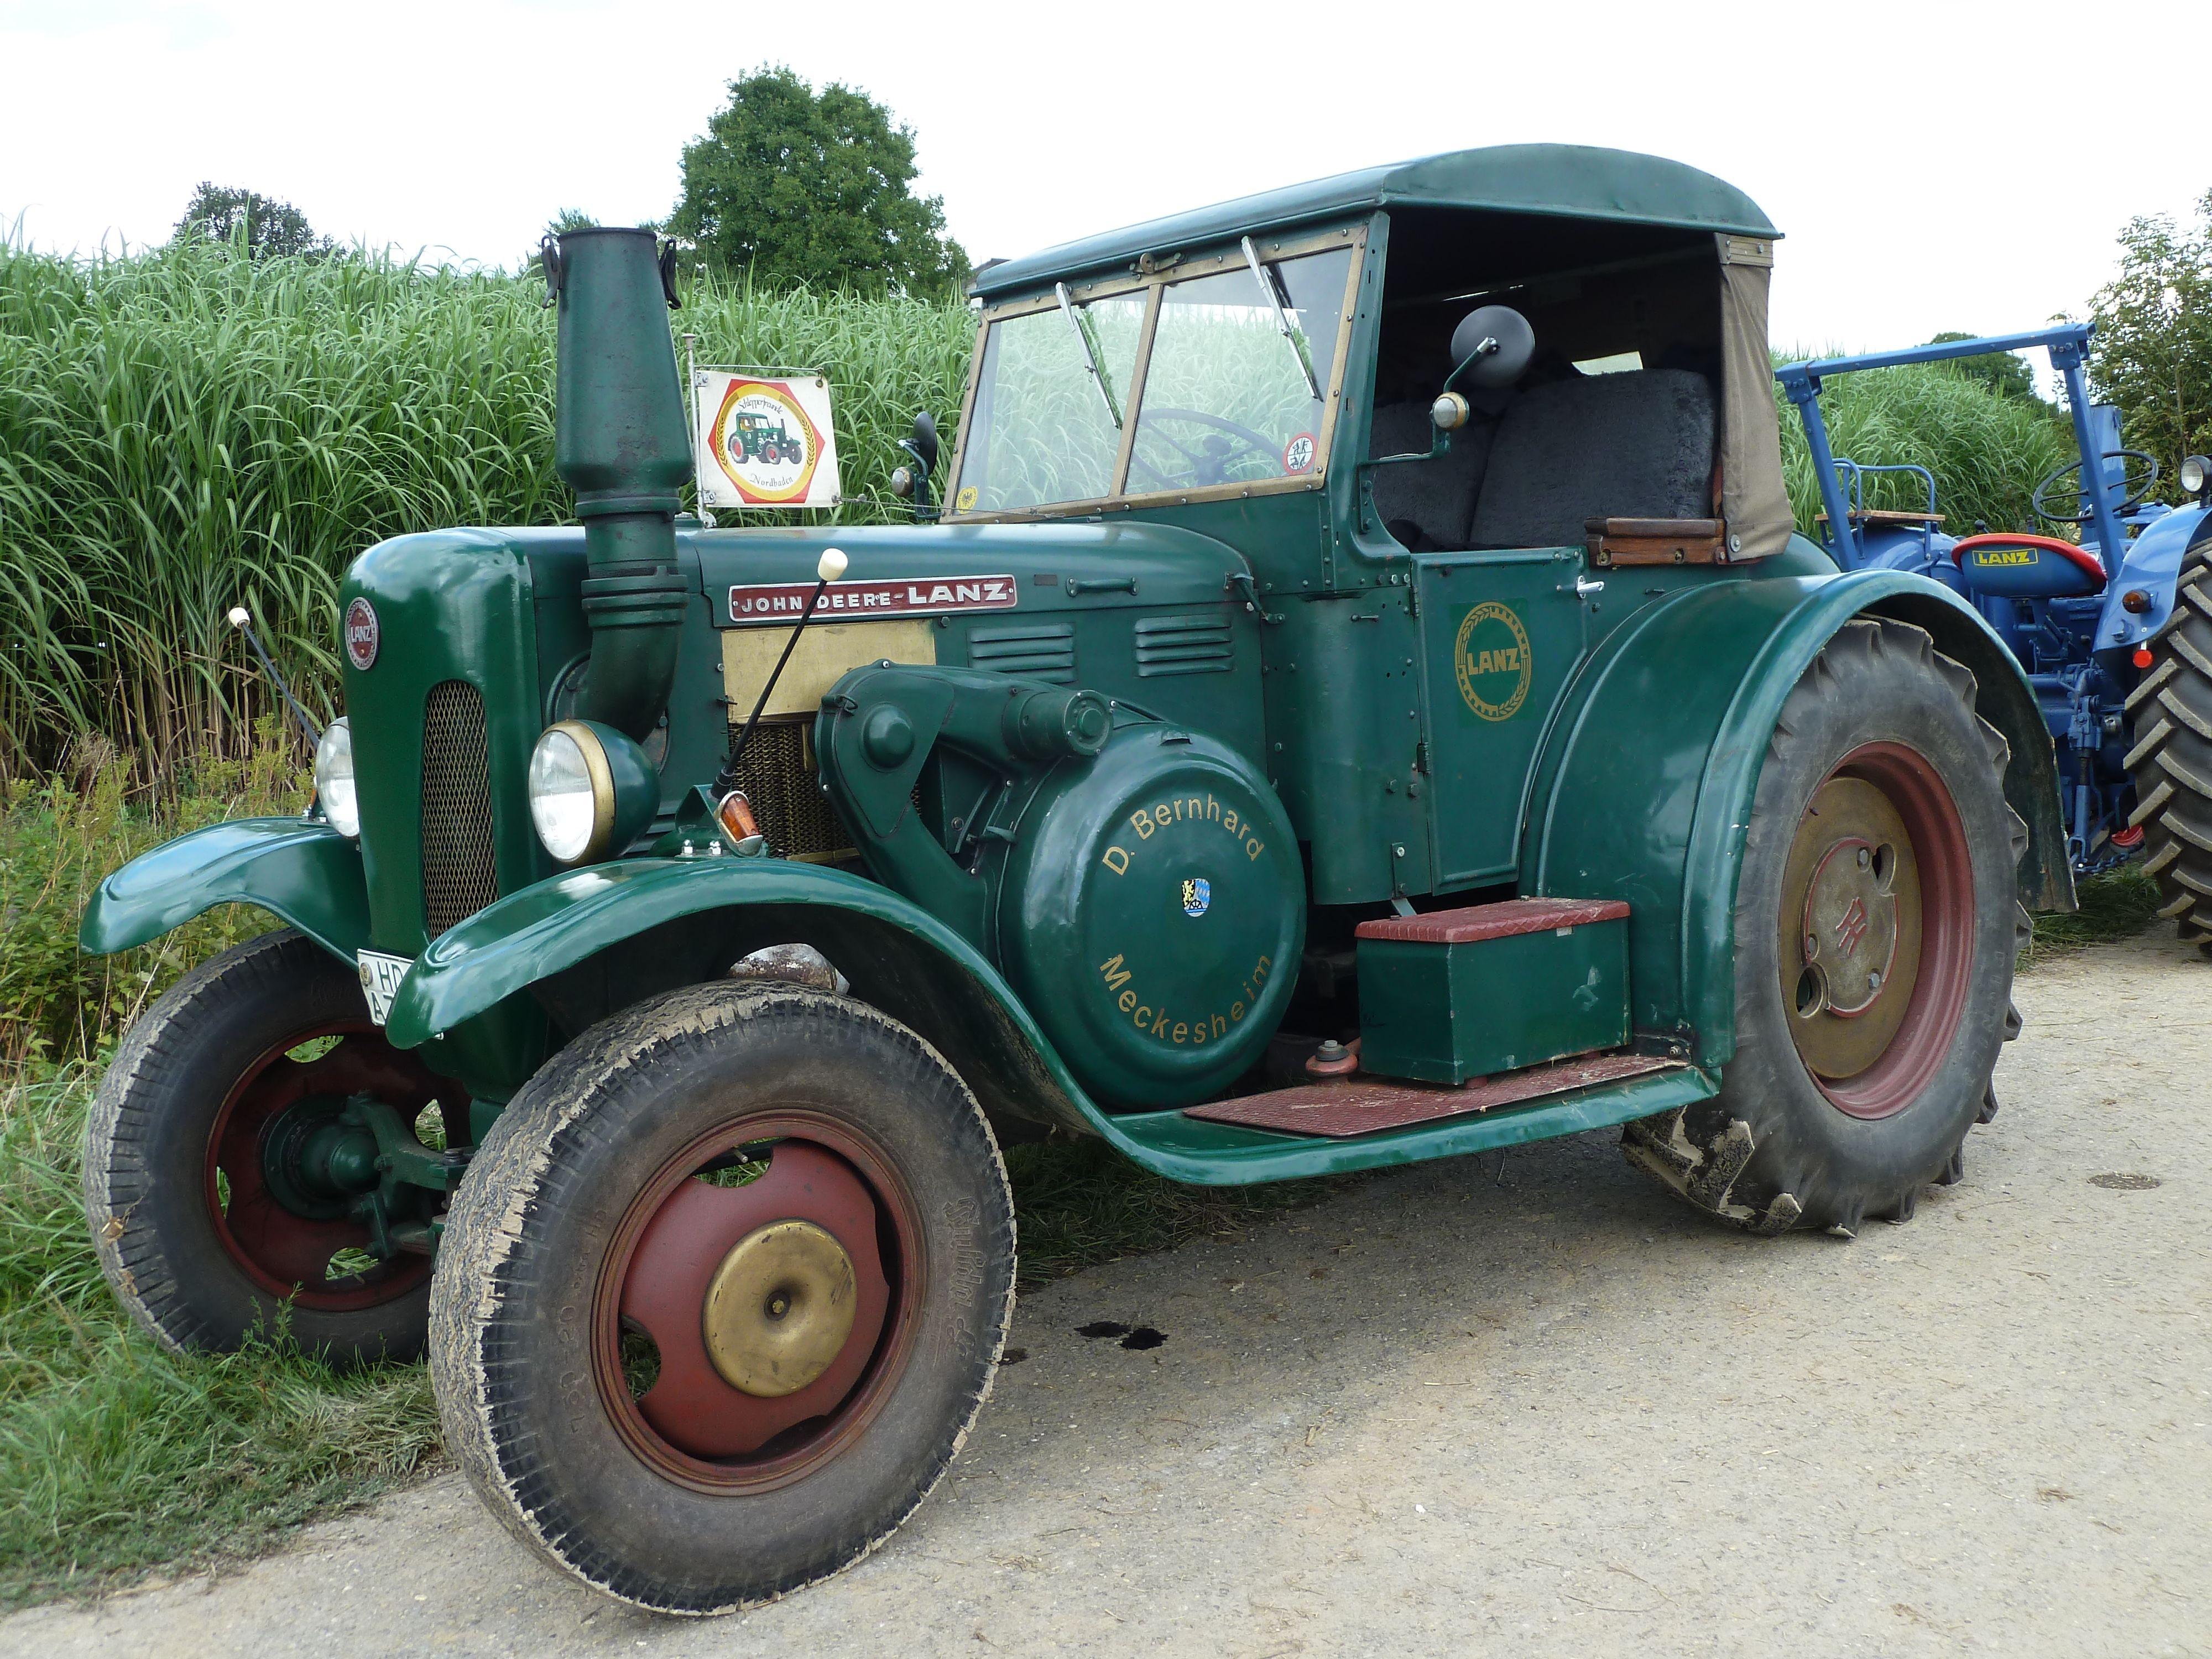 Sitzkissen für Oldtimer Traktor Trecker Schlepper Bulldog usw.